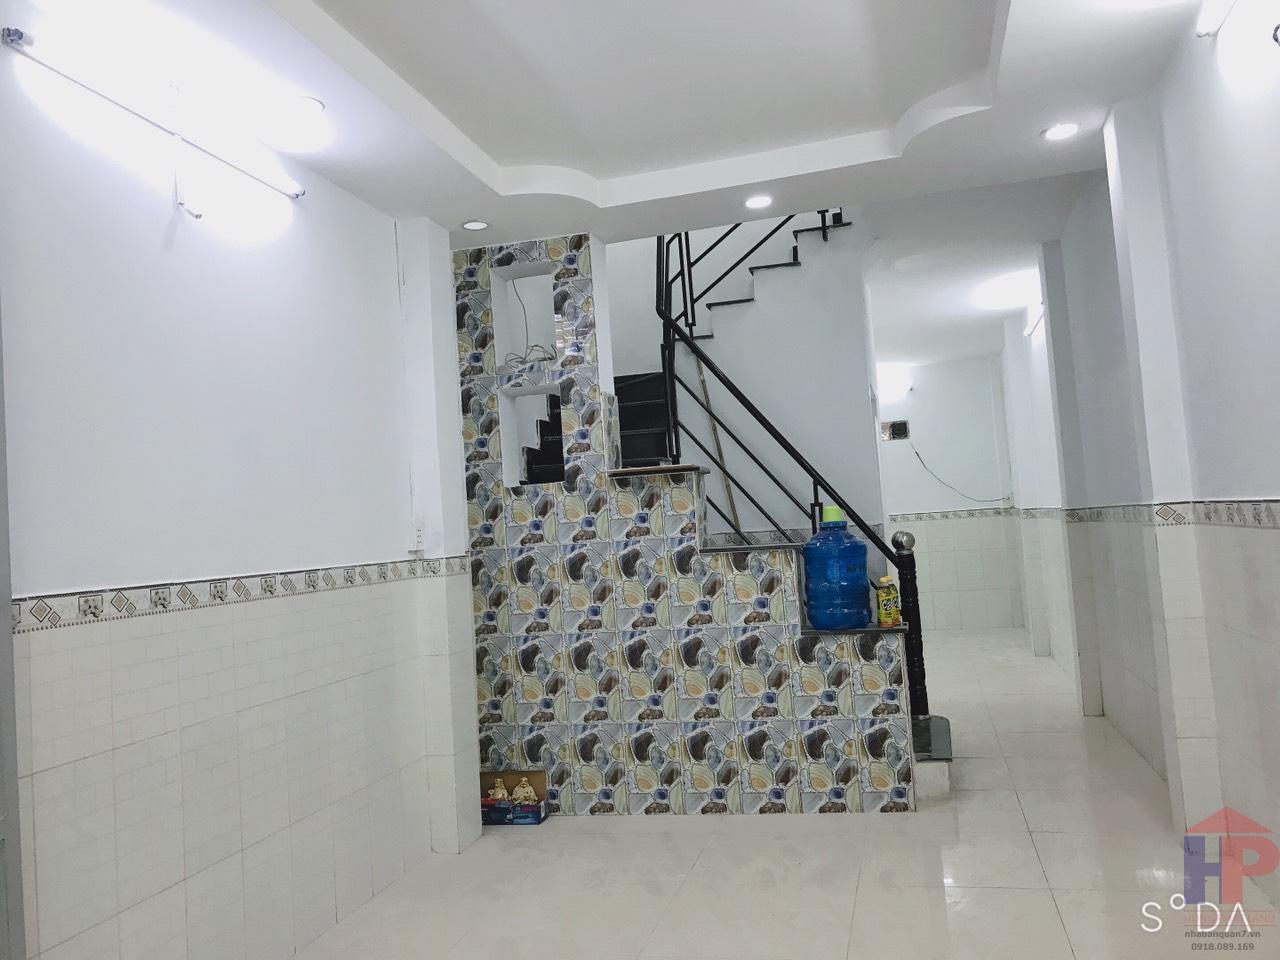 Bán nhà đường Lưu Trọng Lư Quận 7, trệt – 1 lầu, DT 3x12m, giá 3.05 tỷ